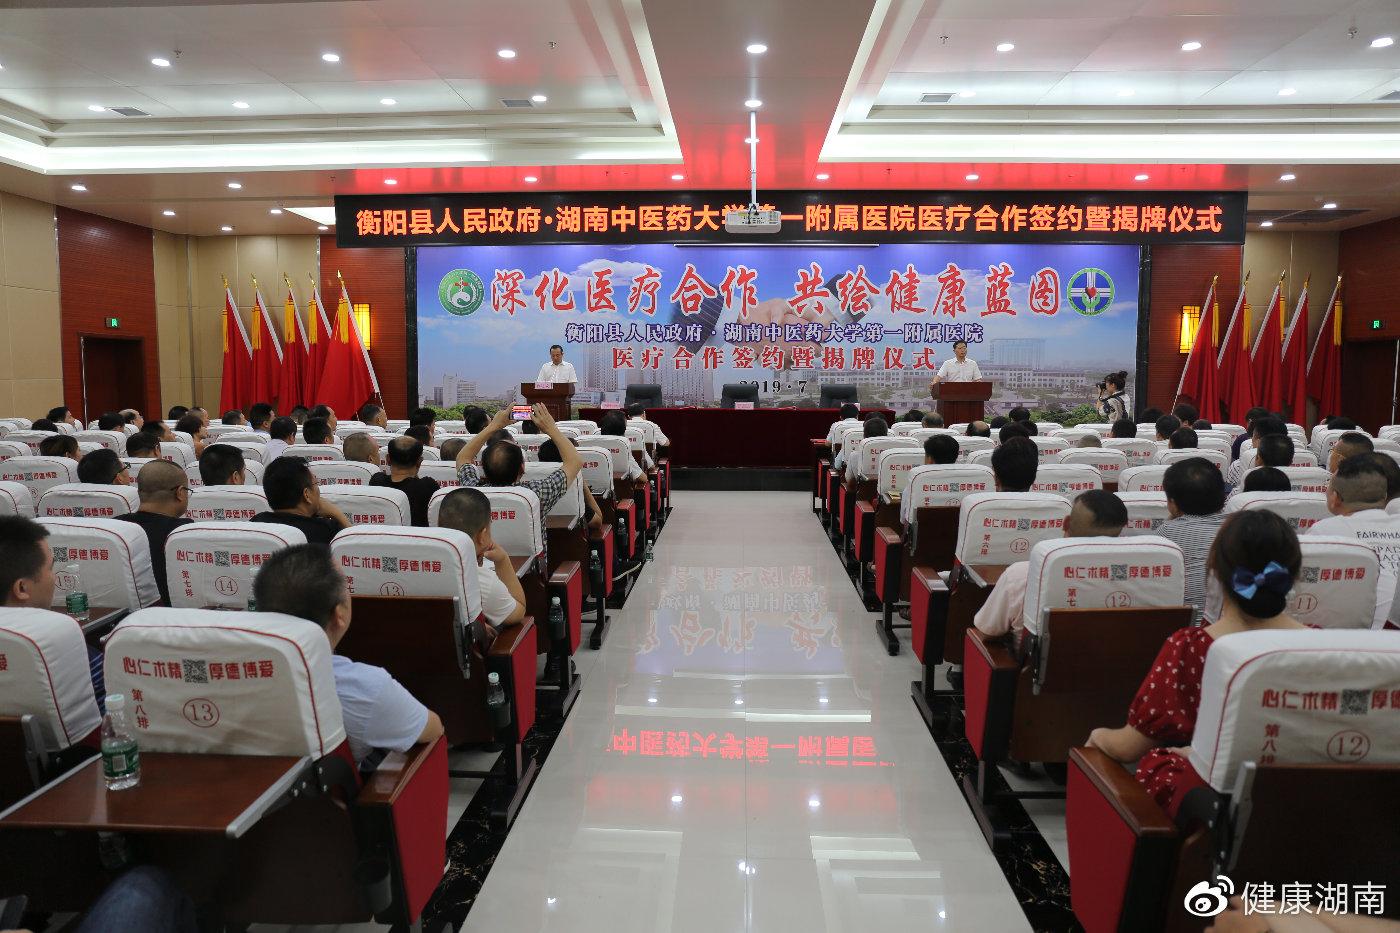 湖南中医附一集团衡阳县医院今日揭牌(图)